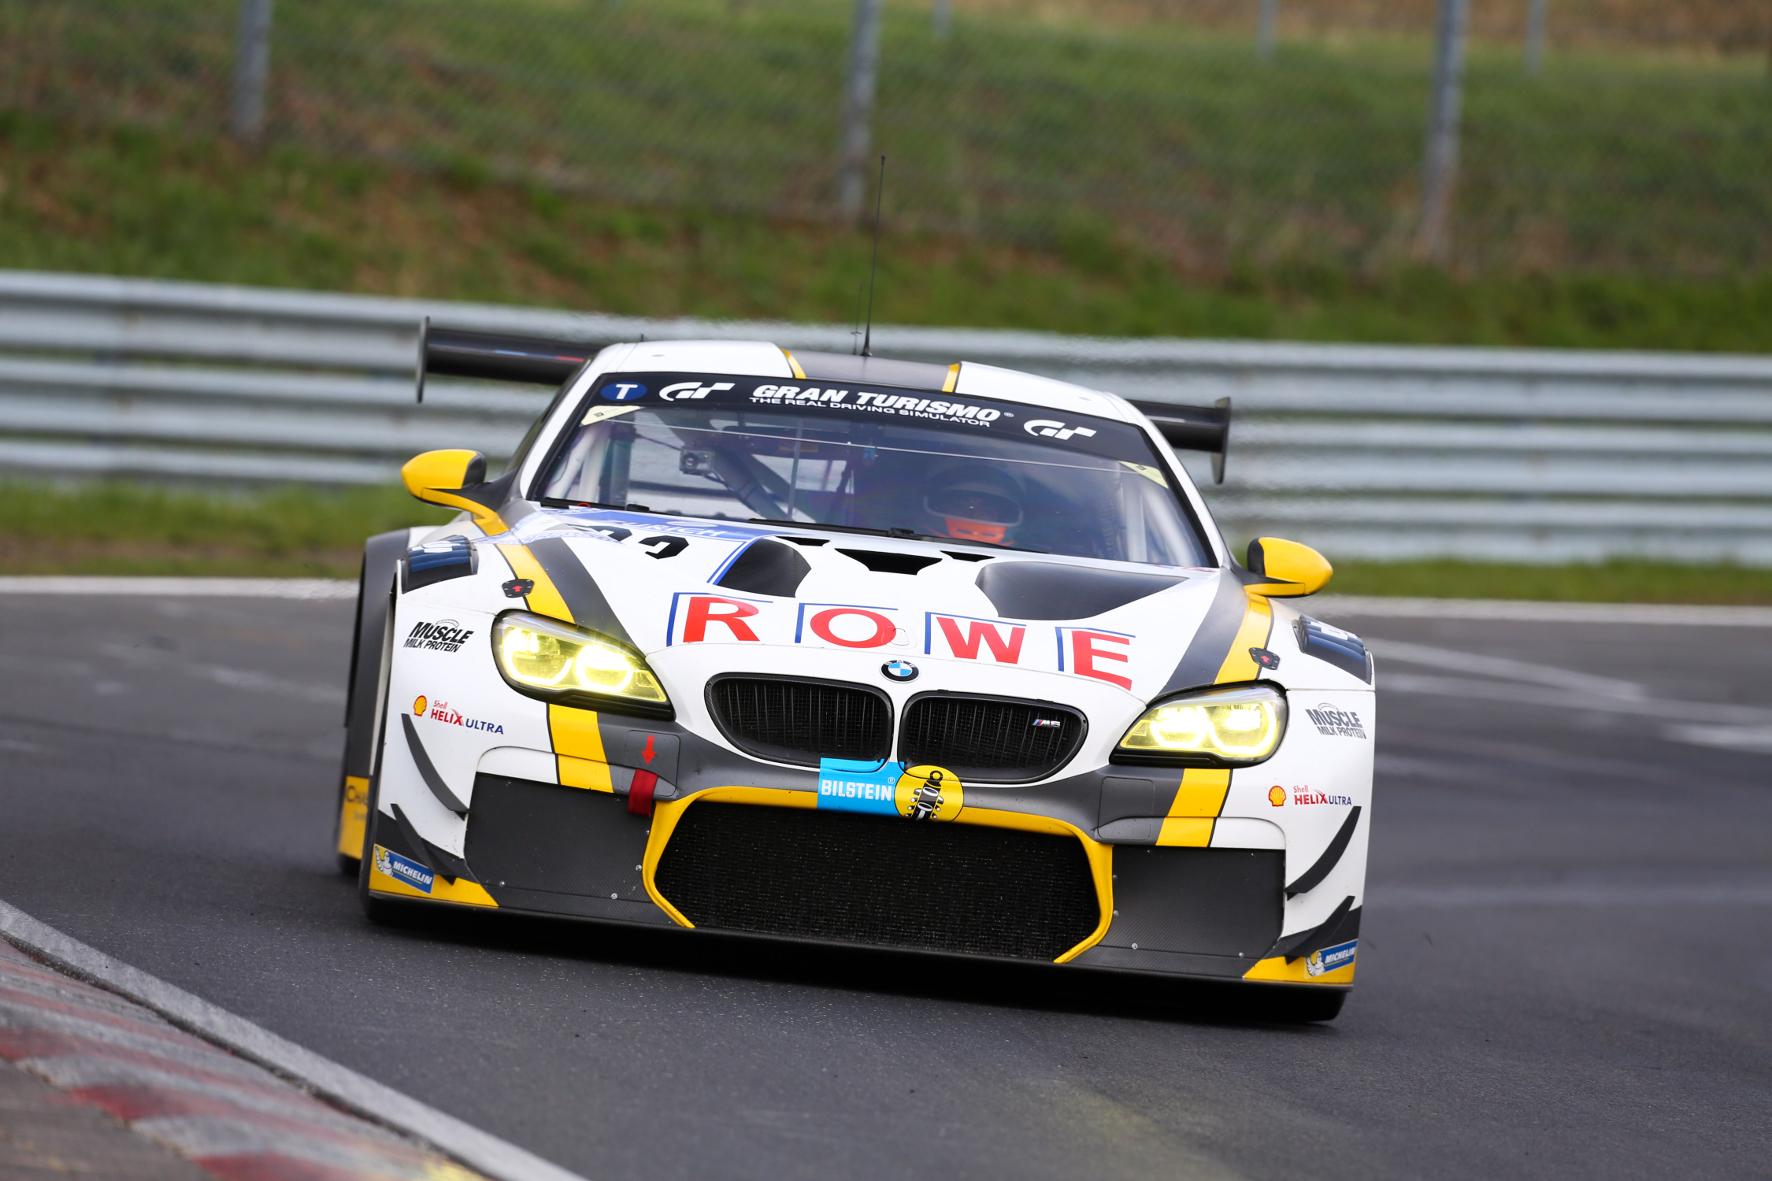 mid Groß-Gerau - Mit dem neuen M6 GT3 will BMW das nächste Kapitel der Erfolgsgeschichte beim 24-Stunden-Rennen im belgischen Spa schreiben.